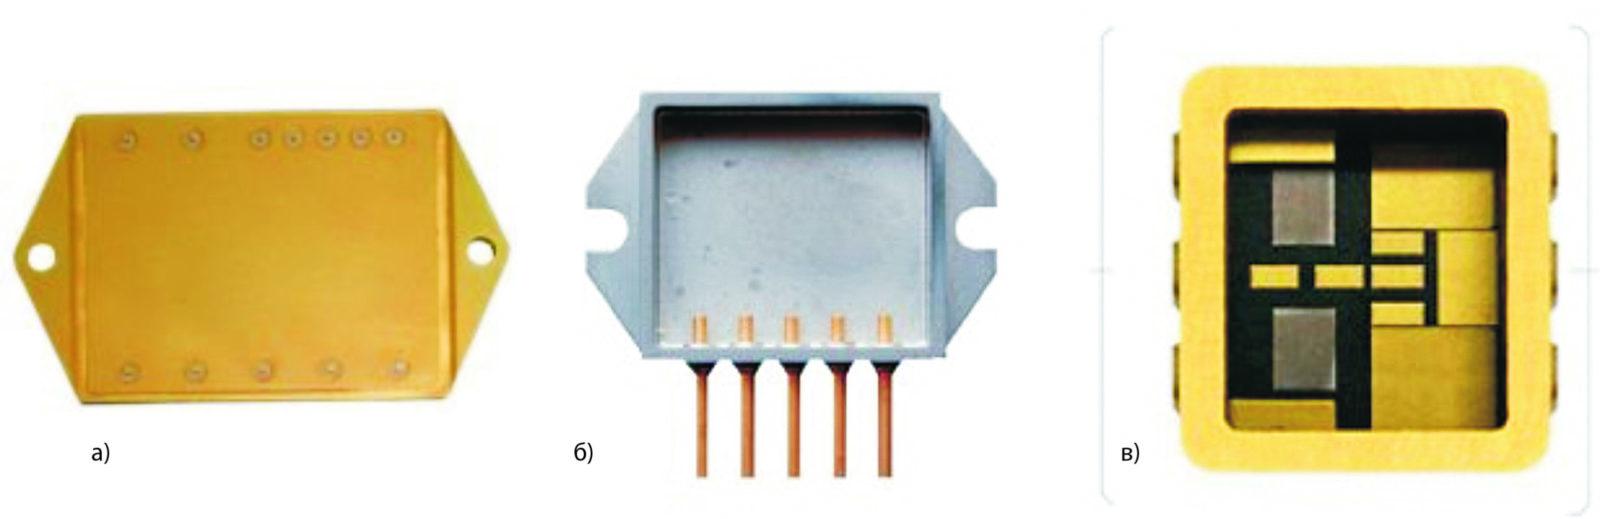 Металлокерамические корпуса PP5452-12